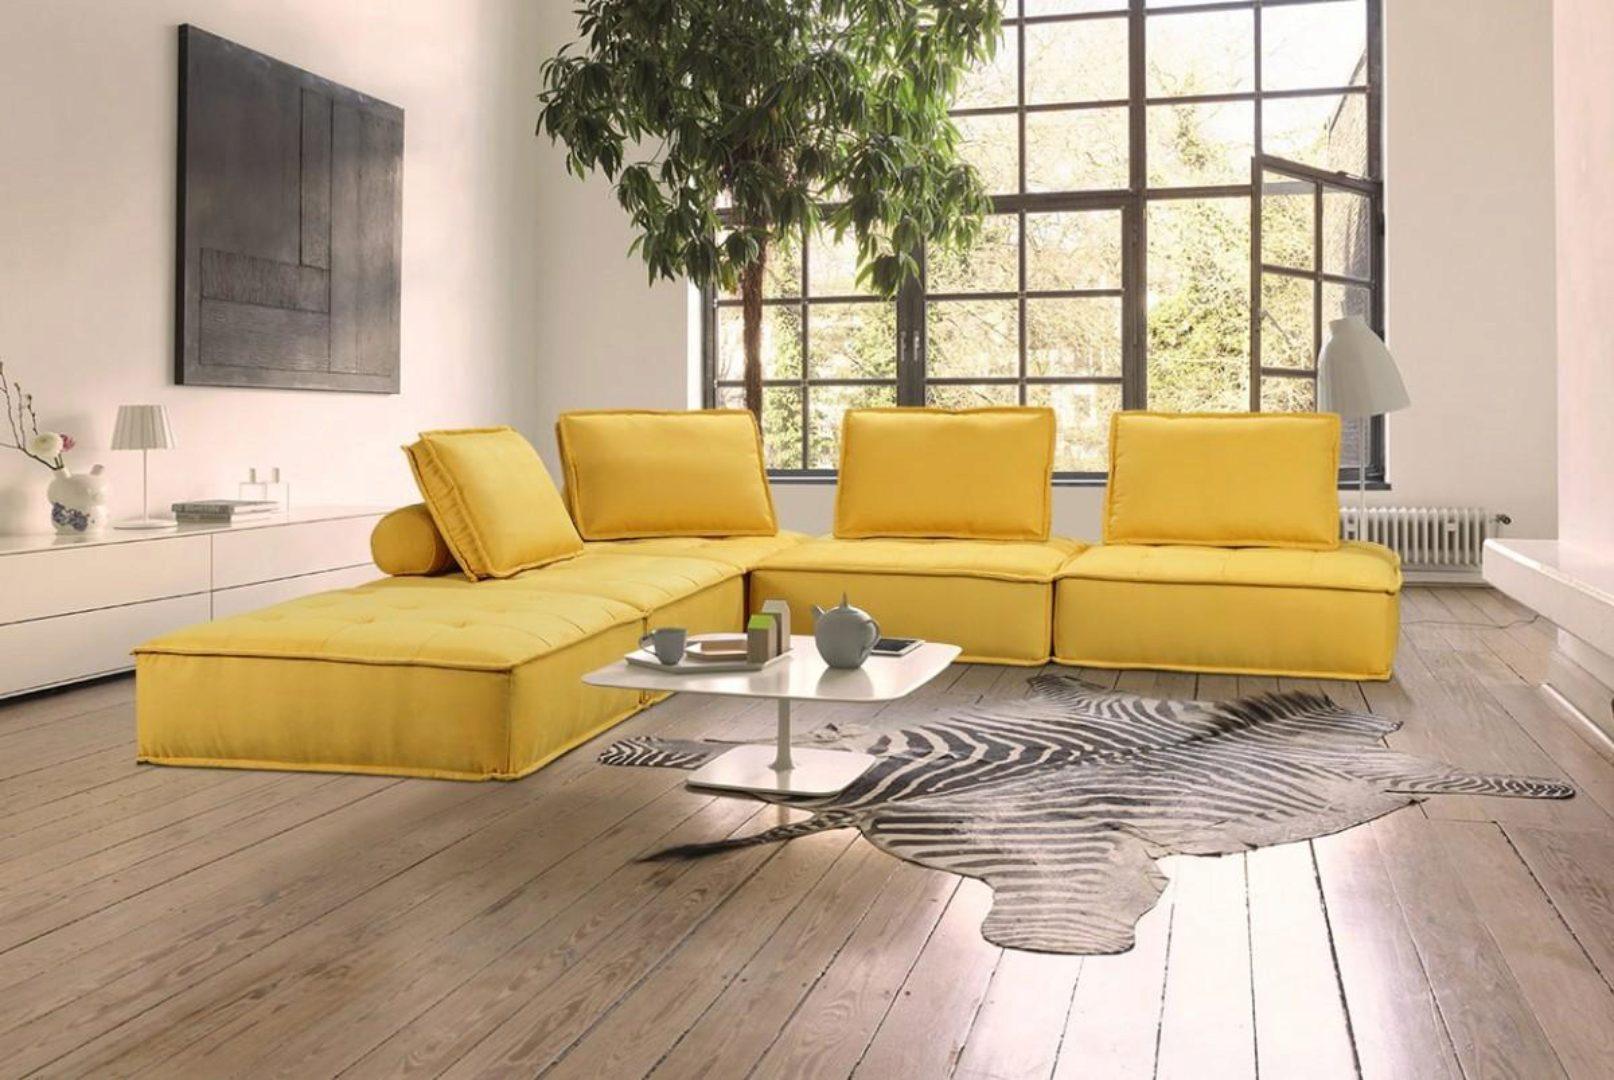 yellow fabric modular sectional sofa vig divani casa nolden modern contemporary